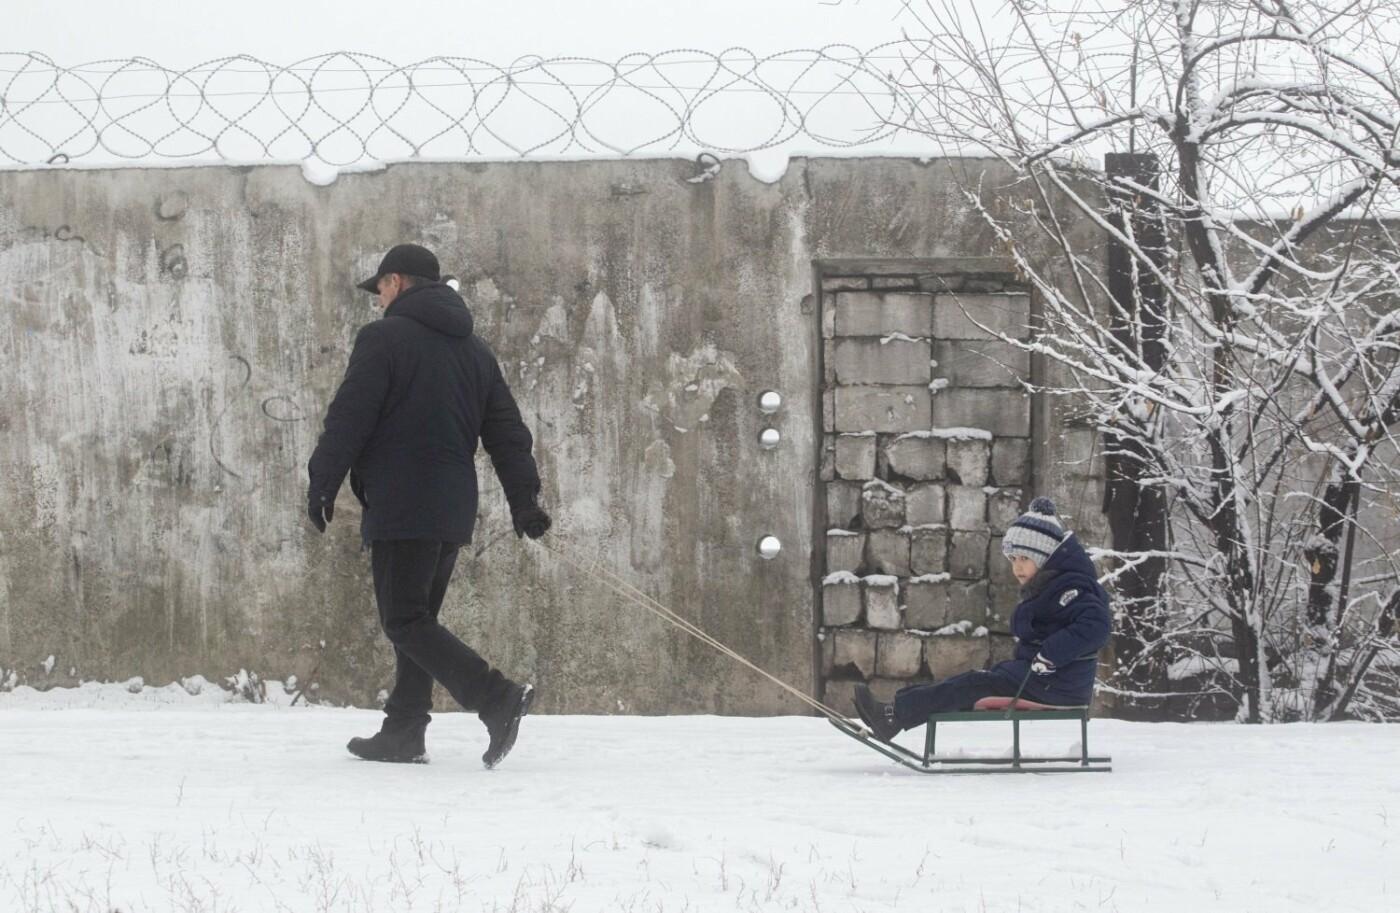 38 фотографий, одна ворона и одна синица... ФОТОРЕПОРТАЖ для тех, кто проспал первый настоящий снег, фото-32